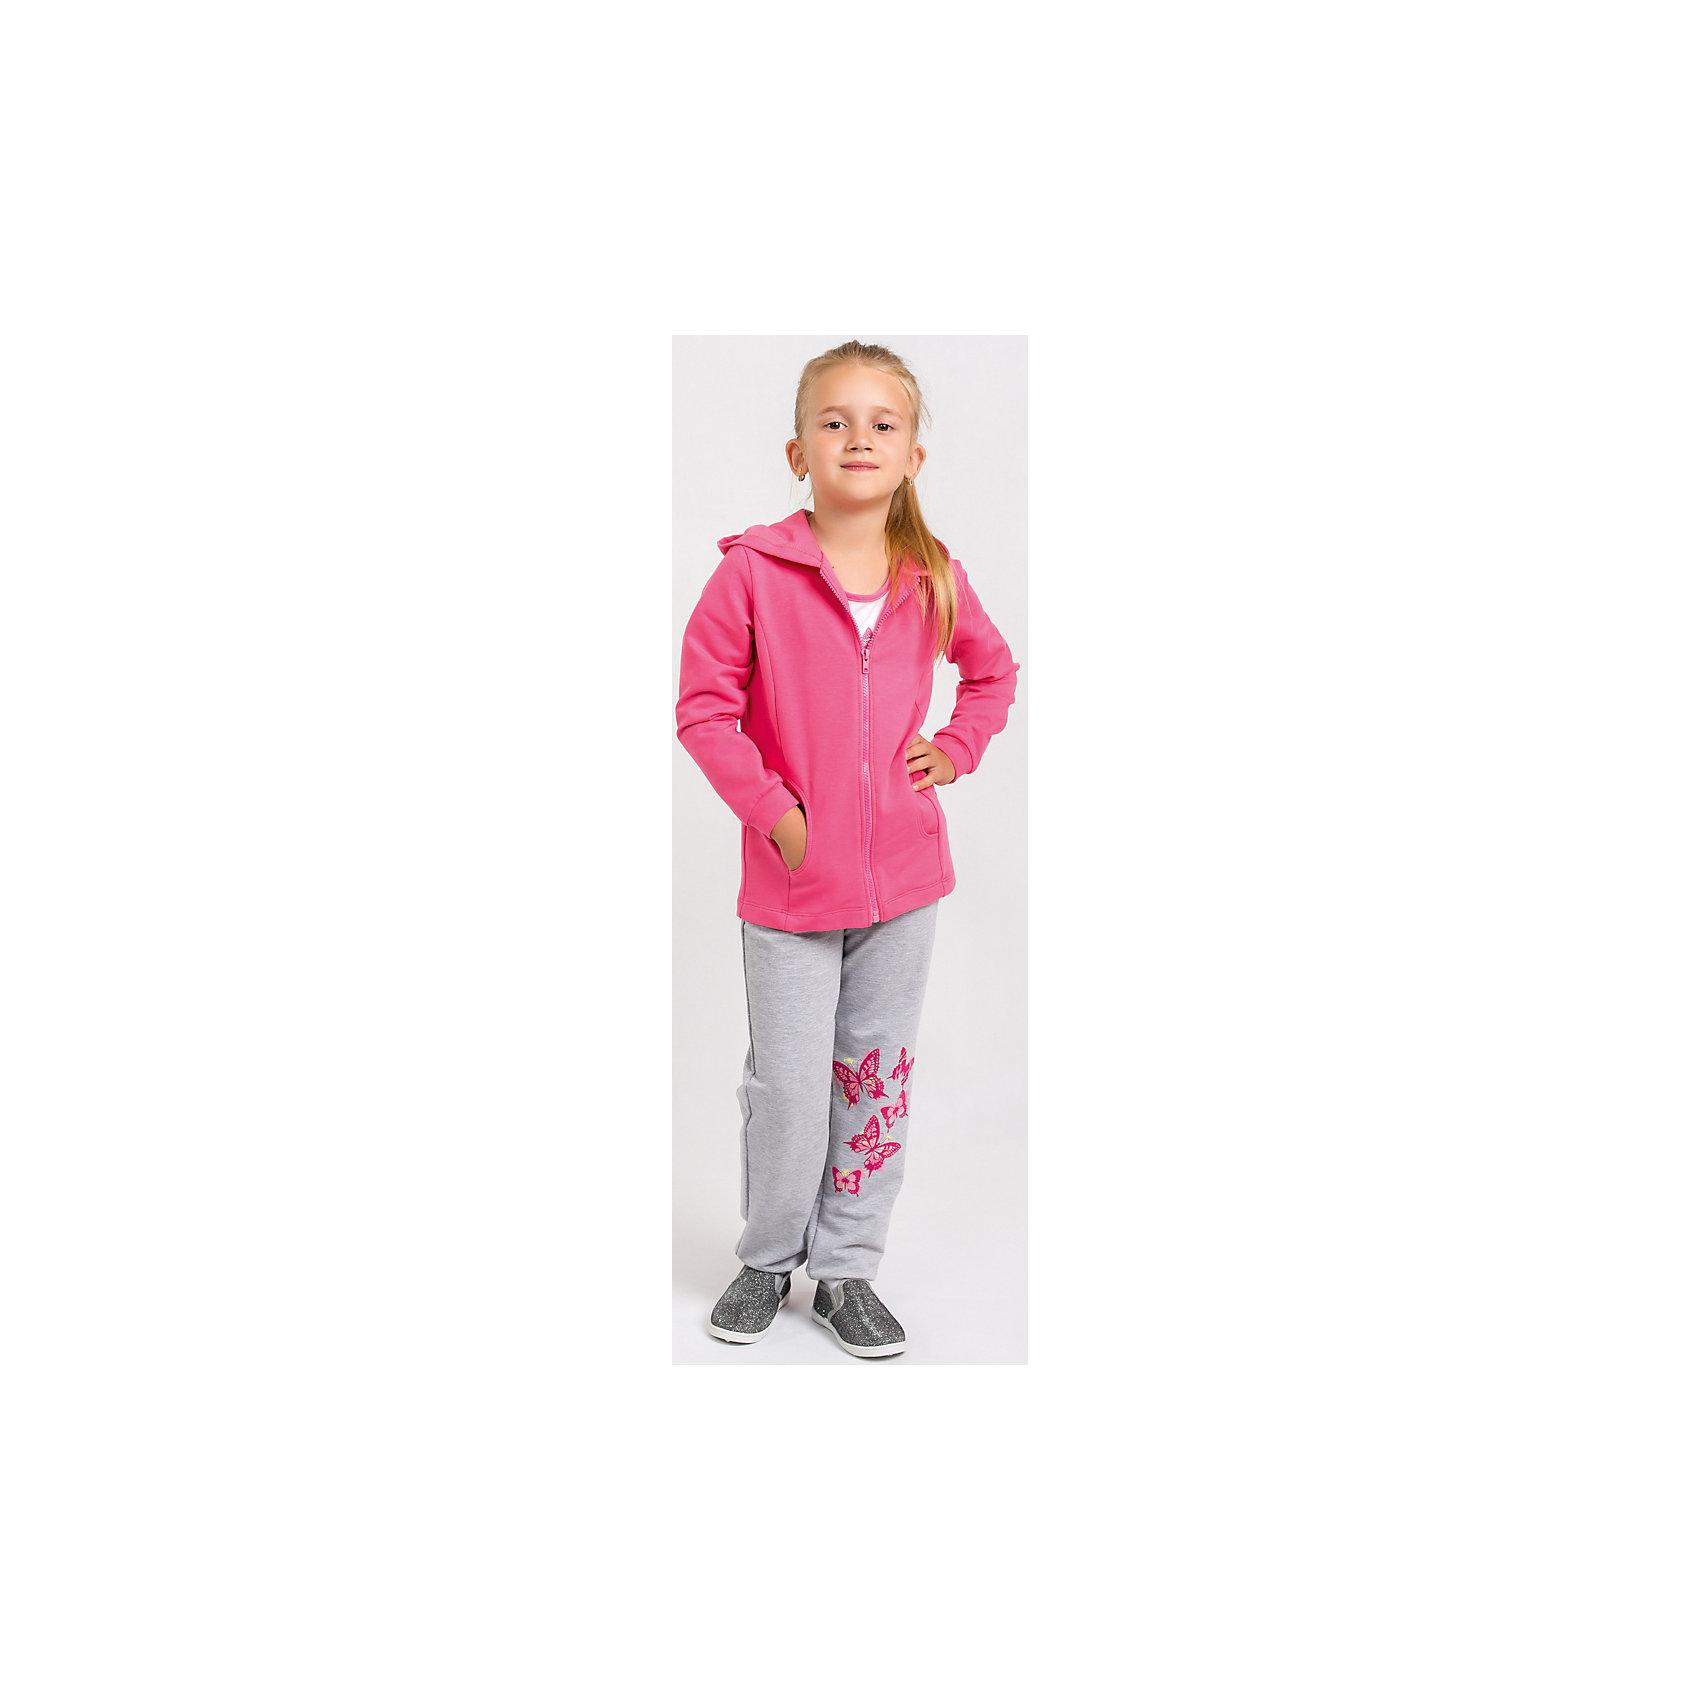 Спортивный костюм для девочки GoldyСпортивная форма<br>Спортивный костюм для девочки от белорусской марки Goldy. Костюм состоит из толстовки с капюшоном и брюк с манжетами.<br>Состав:<br>футер компакт пенье  (70% хлопок, 26% ПЭ, 4% лайкра)<br><br>Ширина мм: 247<br>Глубина мм: 16<br>Высота мм: 140<br>Вес г: 225<br>Цвет: розовый<br>Возраст от месяцев: 24<br>Возраст до месяцев: 36<br>Пол: Женский<br>Возраст: Детский<br>Размер: 98,104,110,116,122,128<br>SKU: 4921257